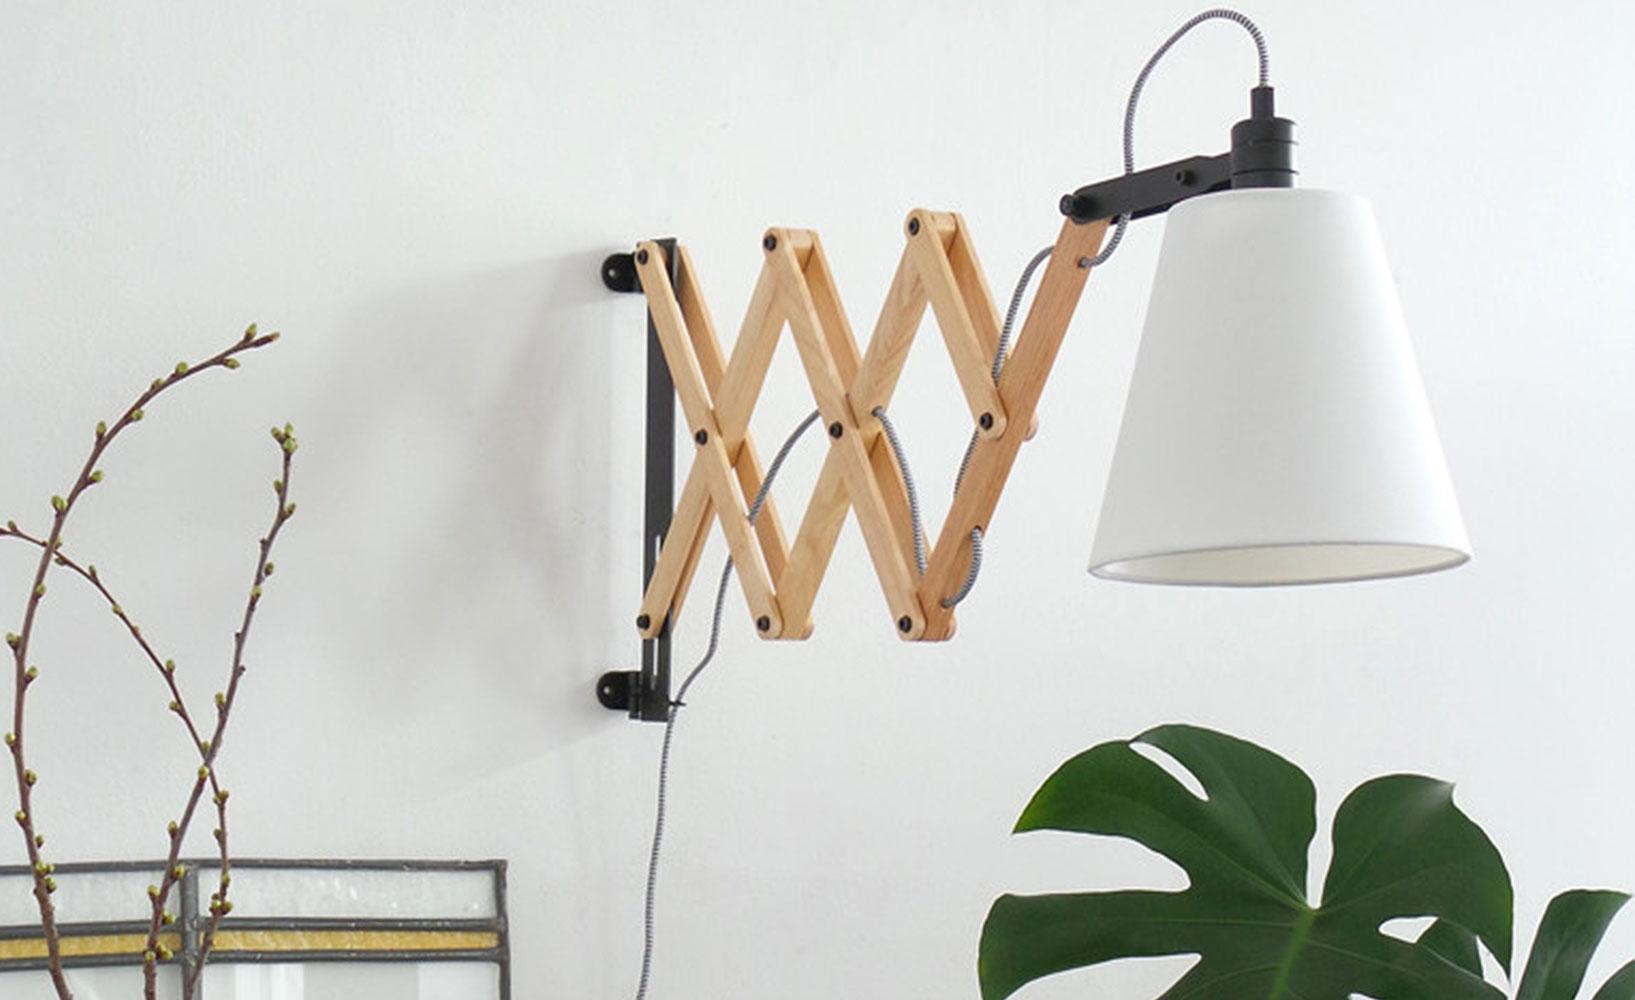 Wunderbar Wandlampen Und Leuchten Zur Kreativen Raumgestaltung